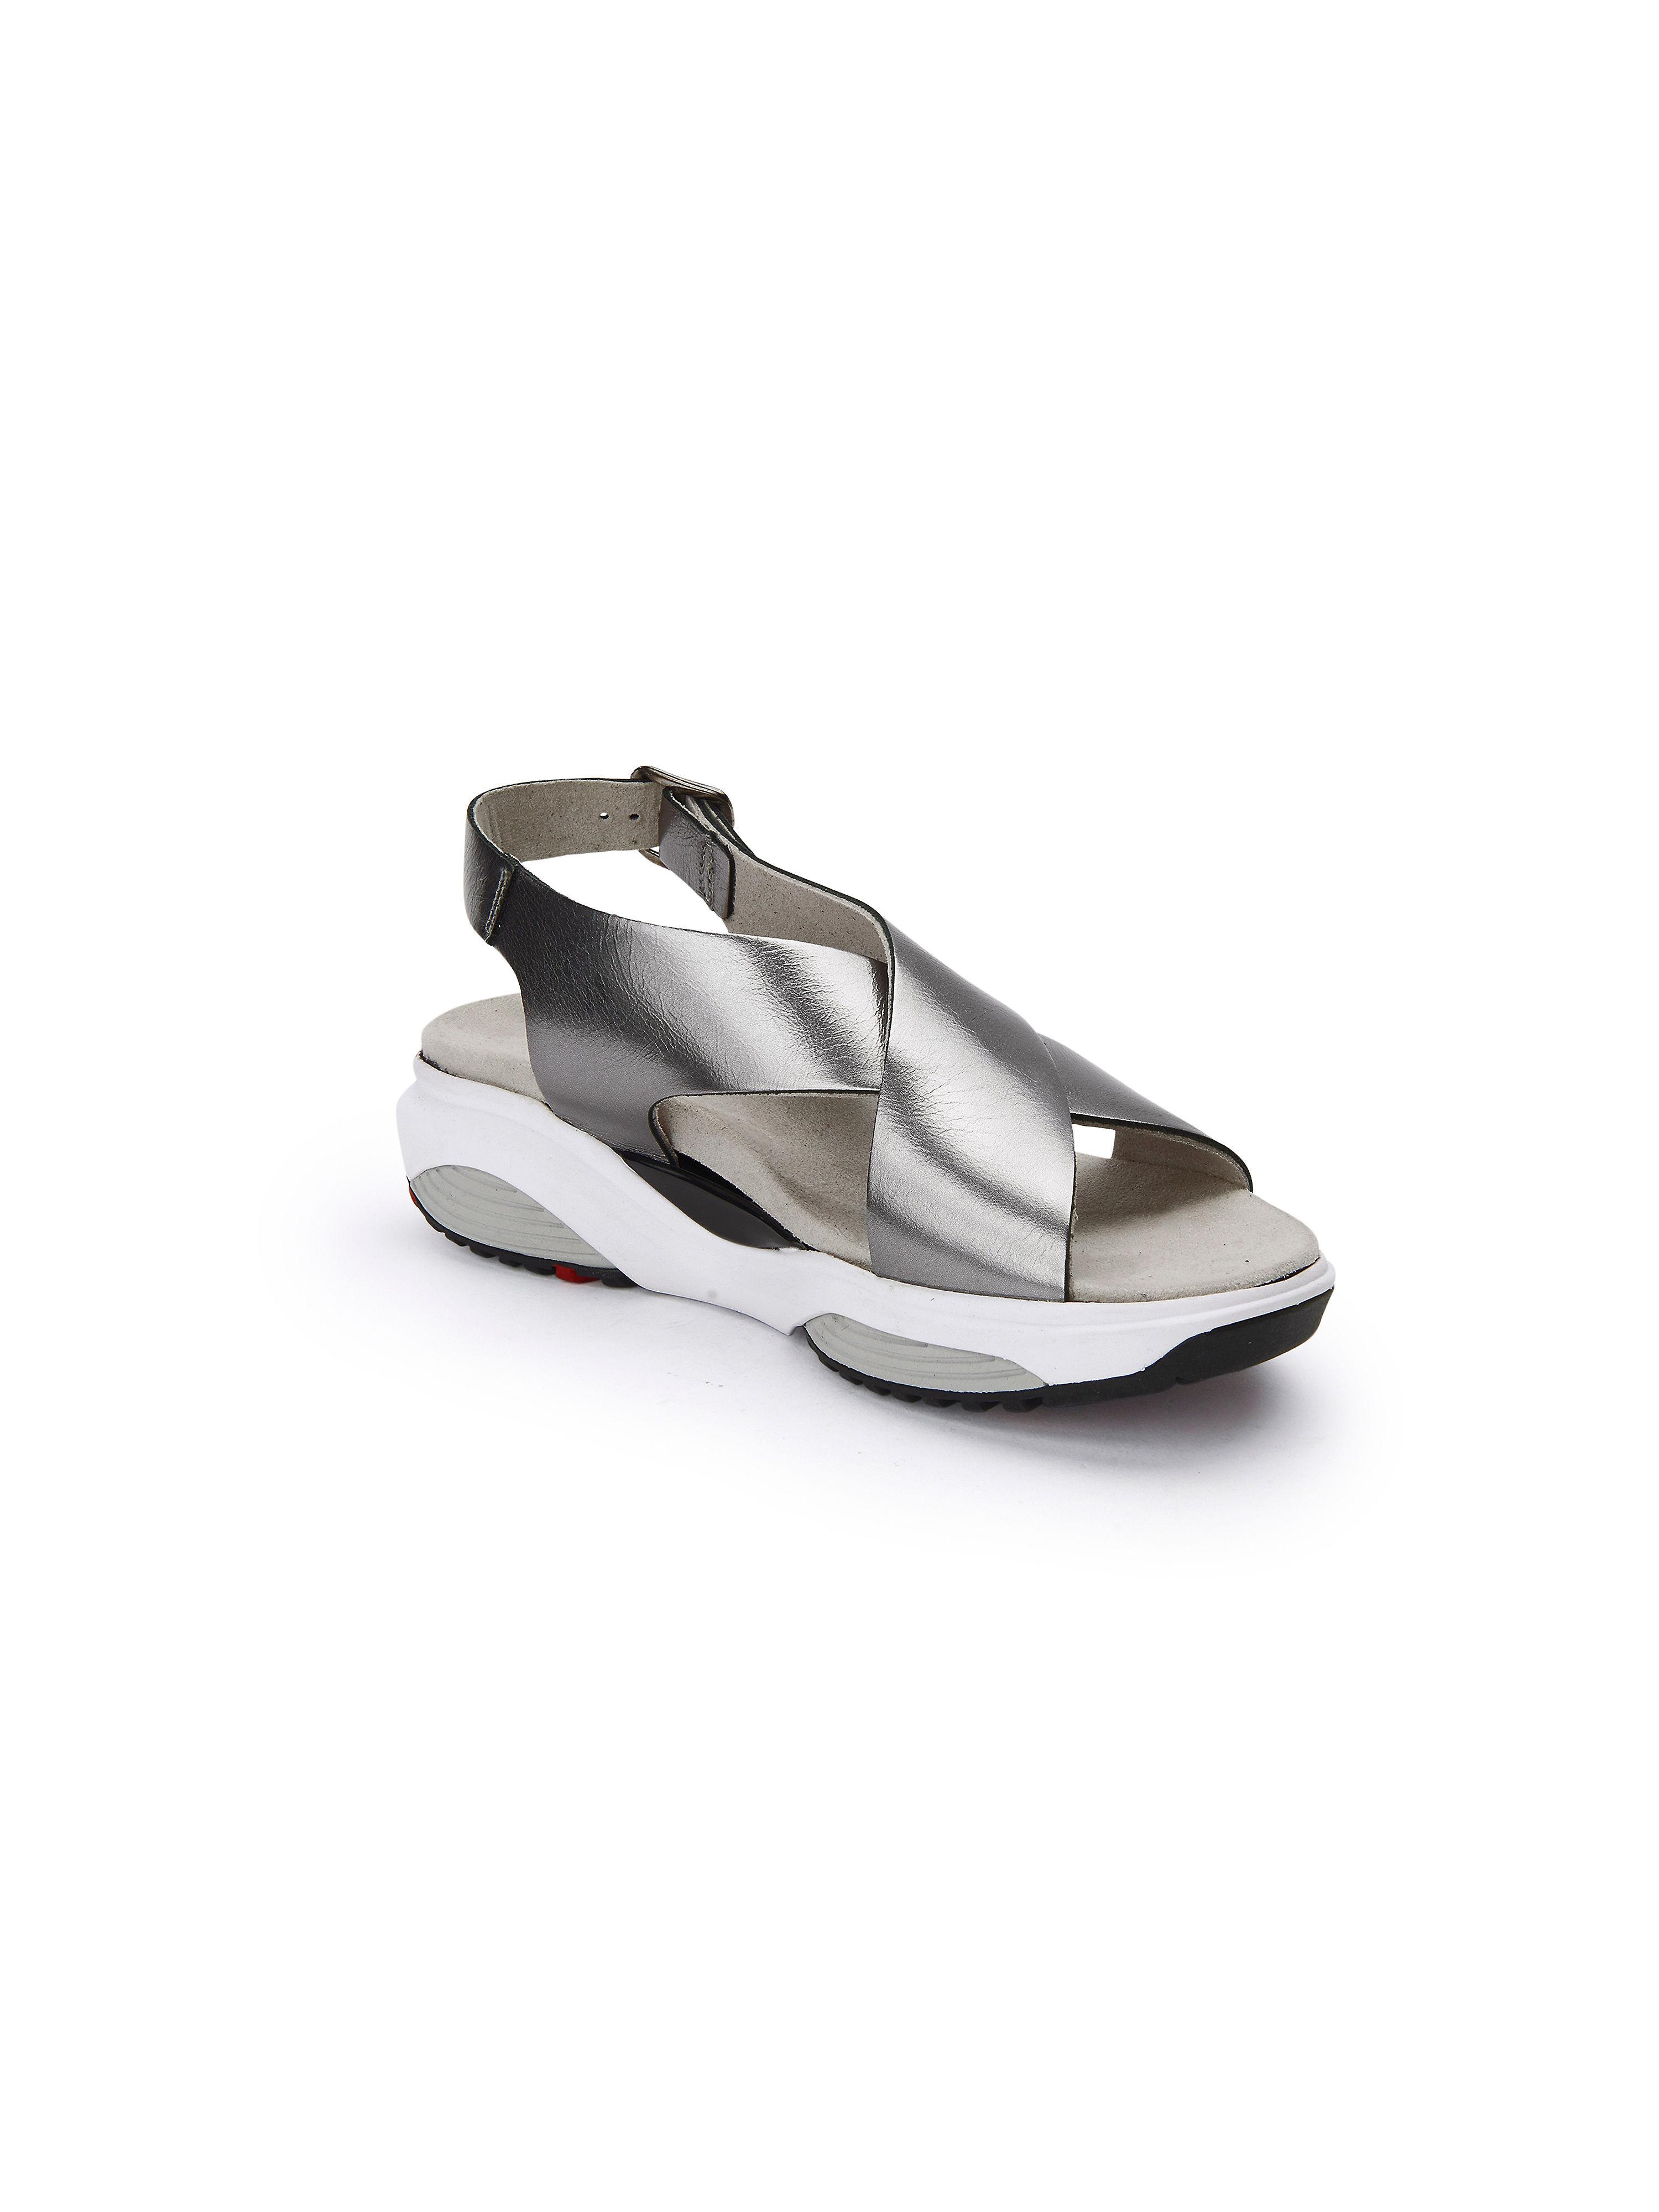 Xsensible - Sandale Stretchwalker beliebte - Silber-Metallic Gute Qualität beliebte Stretchwalker Schuhe 6b380a